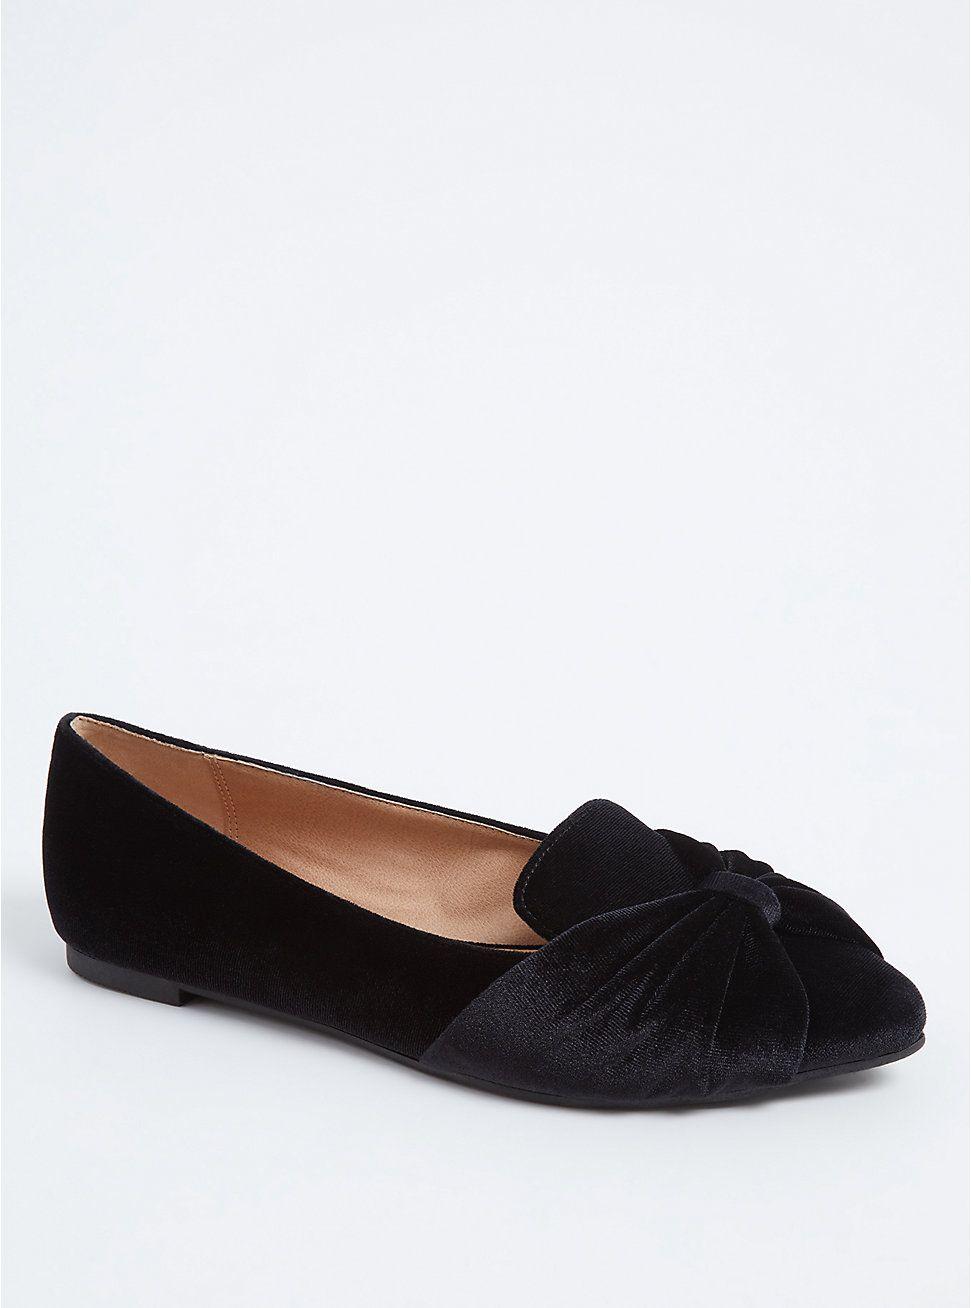 Black Velvet Pointed Toe Flat (WW) in